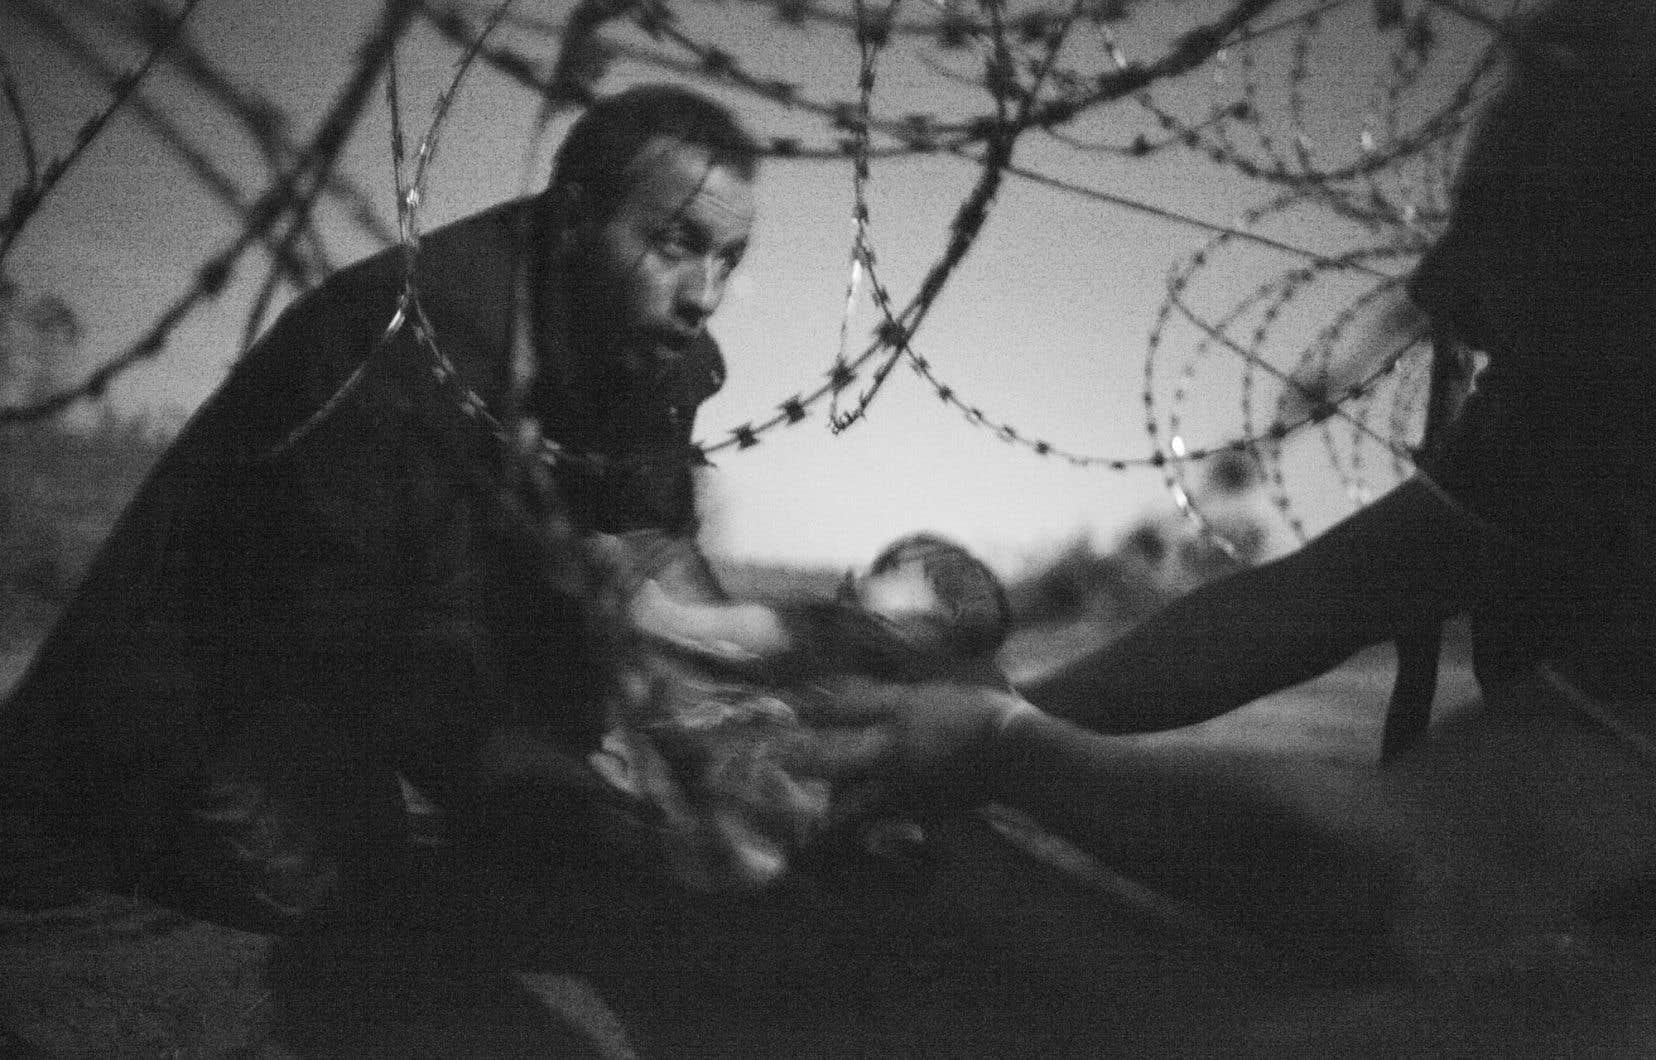 «Espoir d'une nouvelle vie», 28 août 2015, à la frontière serbo-hongroise, prix de la photo de l'année 2015. Un bébé est remis à travers des fils barbelés à un réfugié syrien parvenu à traverser la frontière séparant la Serbie de la Hongrie, près de Röszke.